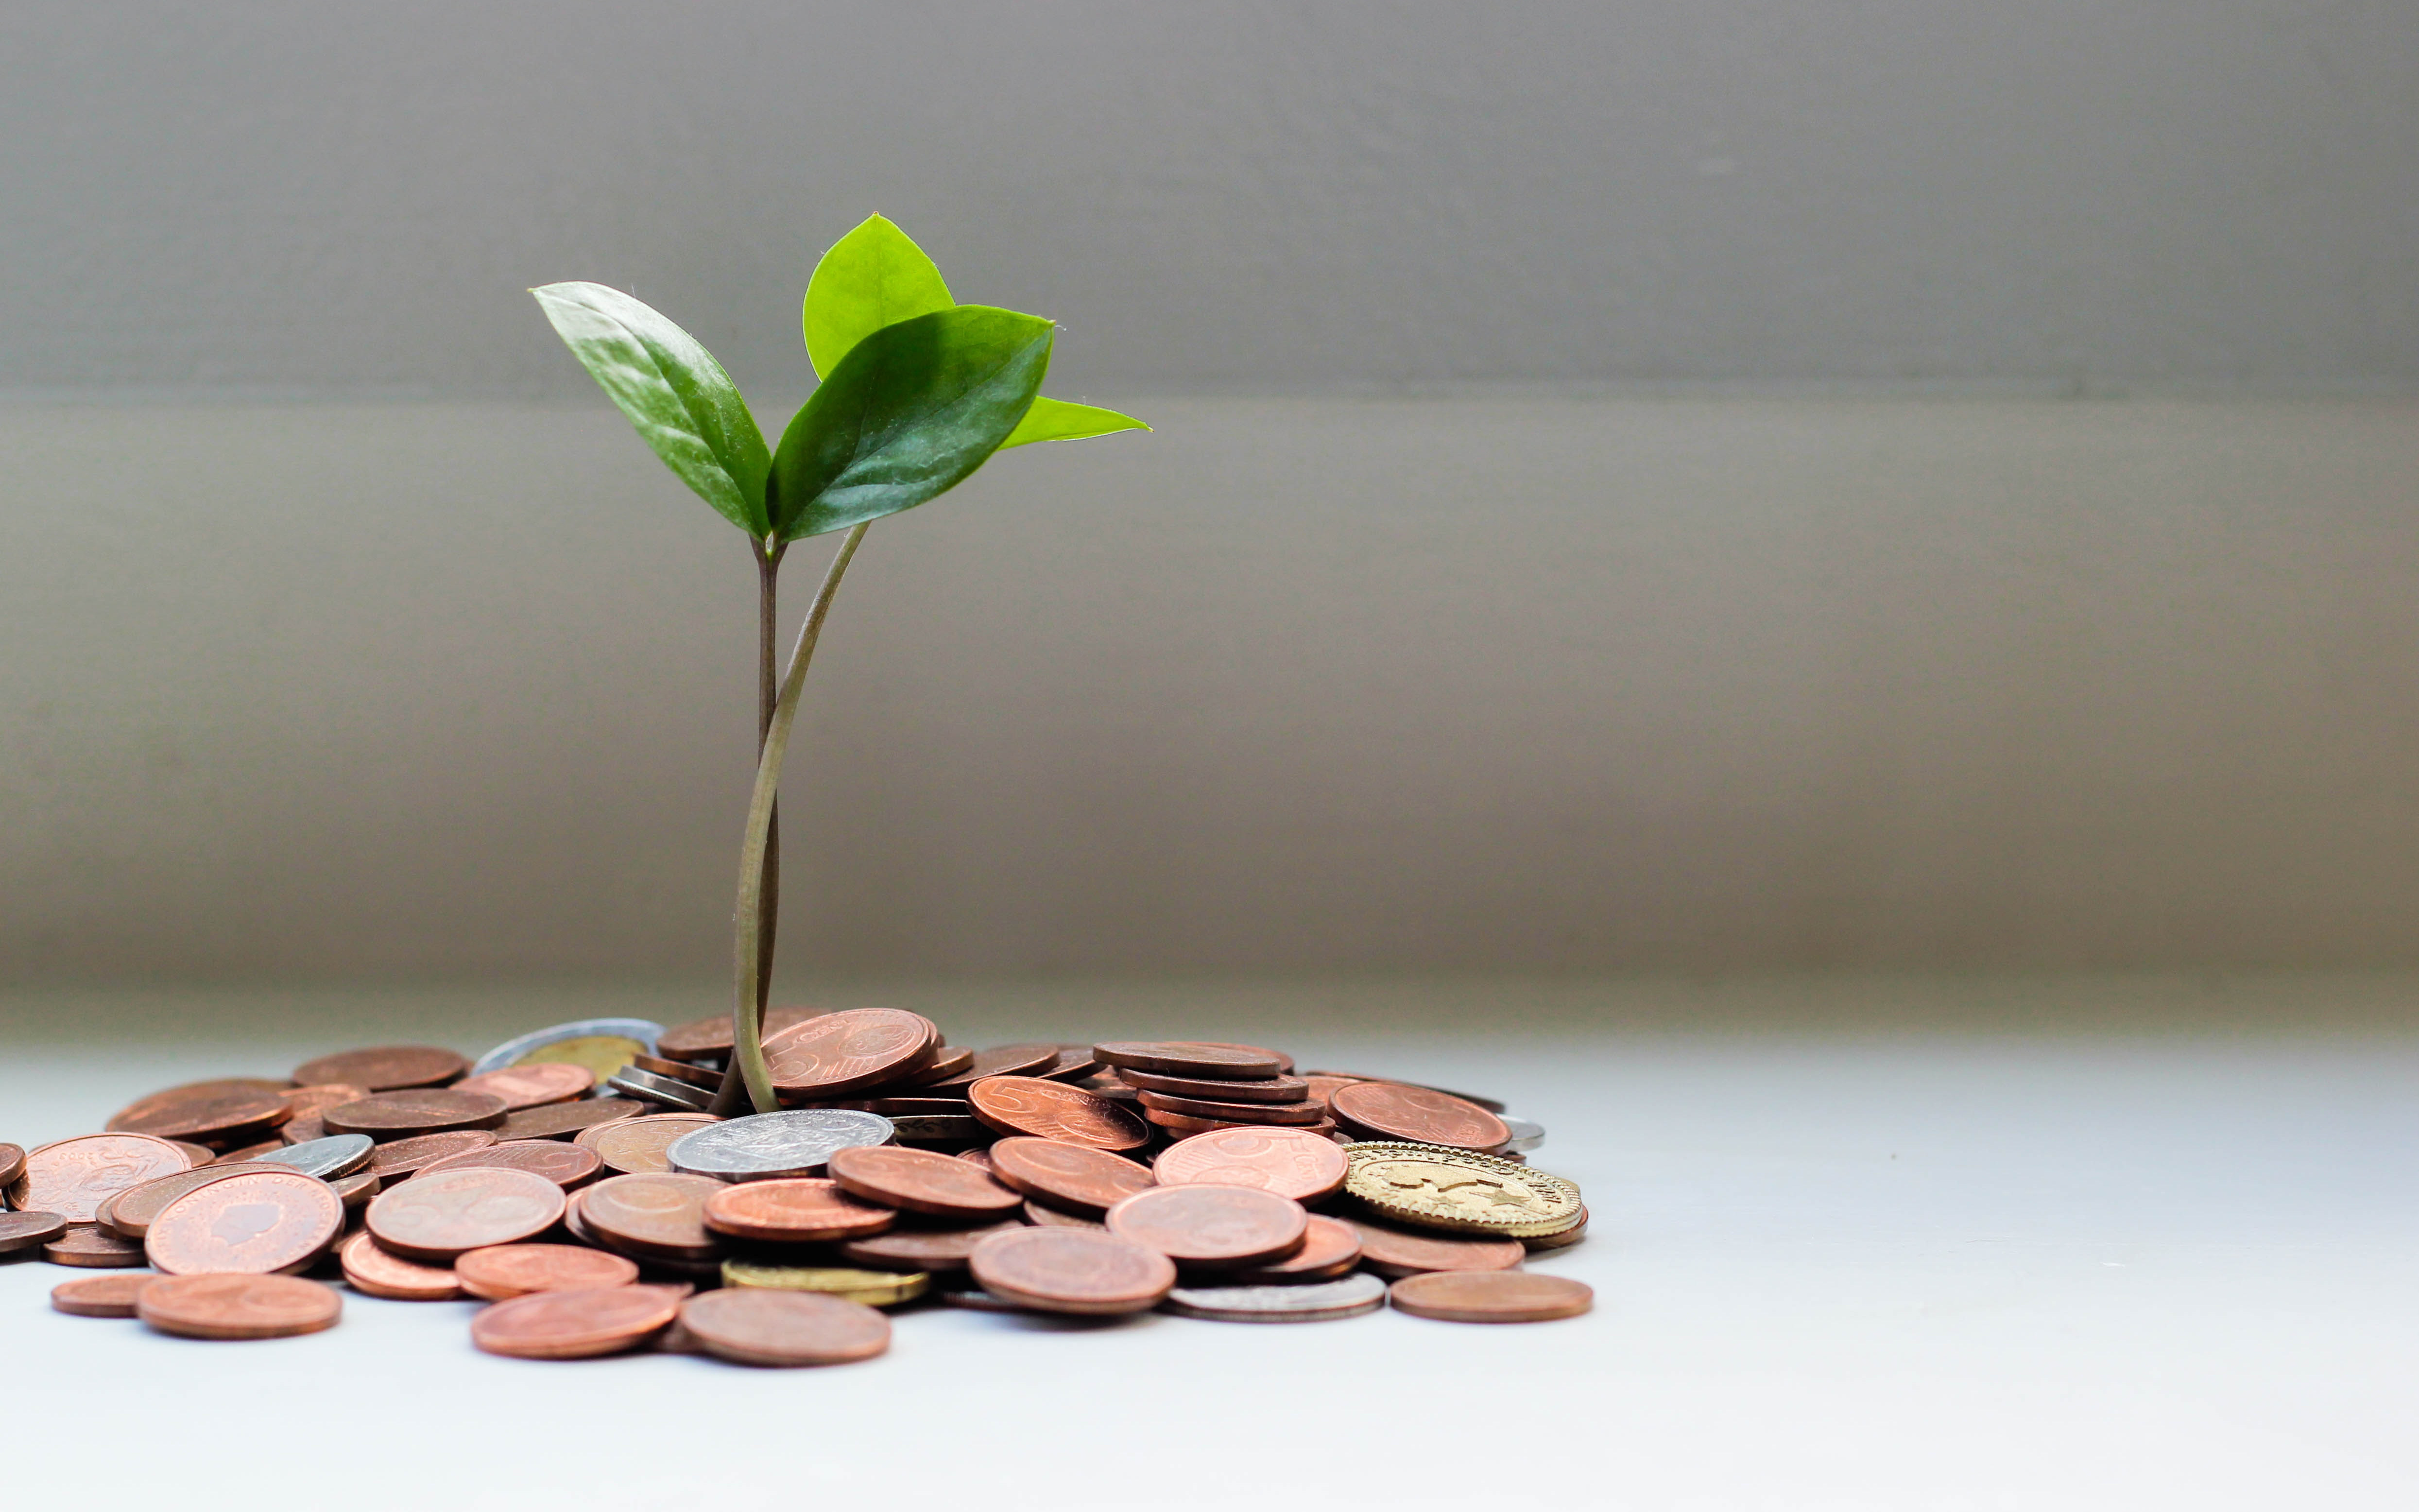 Nghỉ hưu sớm ở tuổi 35 với số tiền kếch xù trong tài khoản: 5 nguyên tắc quản lý tài chính của bậc cao thủ nhưng nhiều người xem nhẹ!